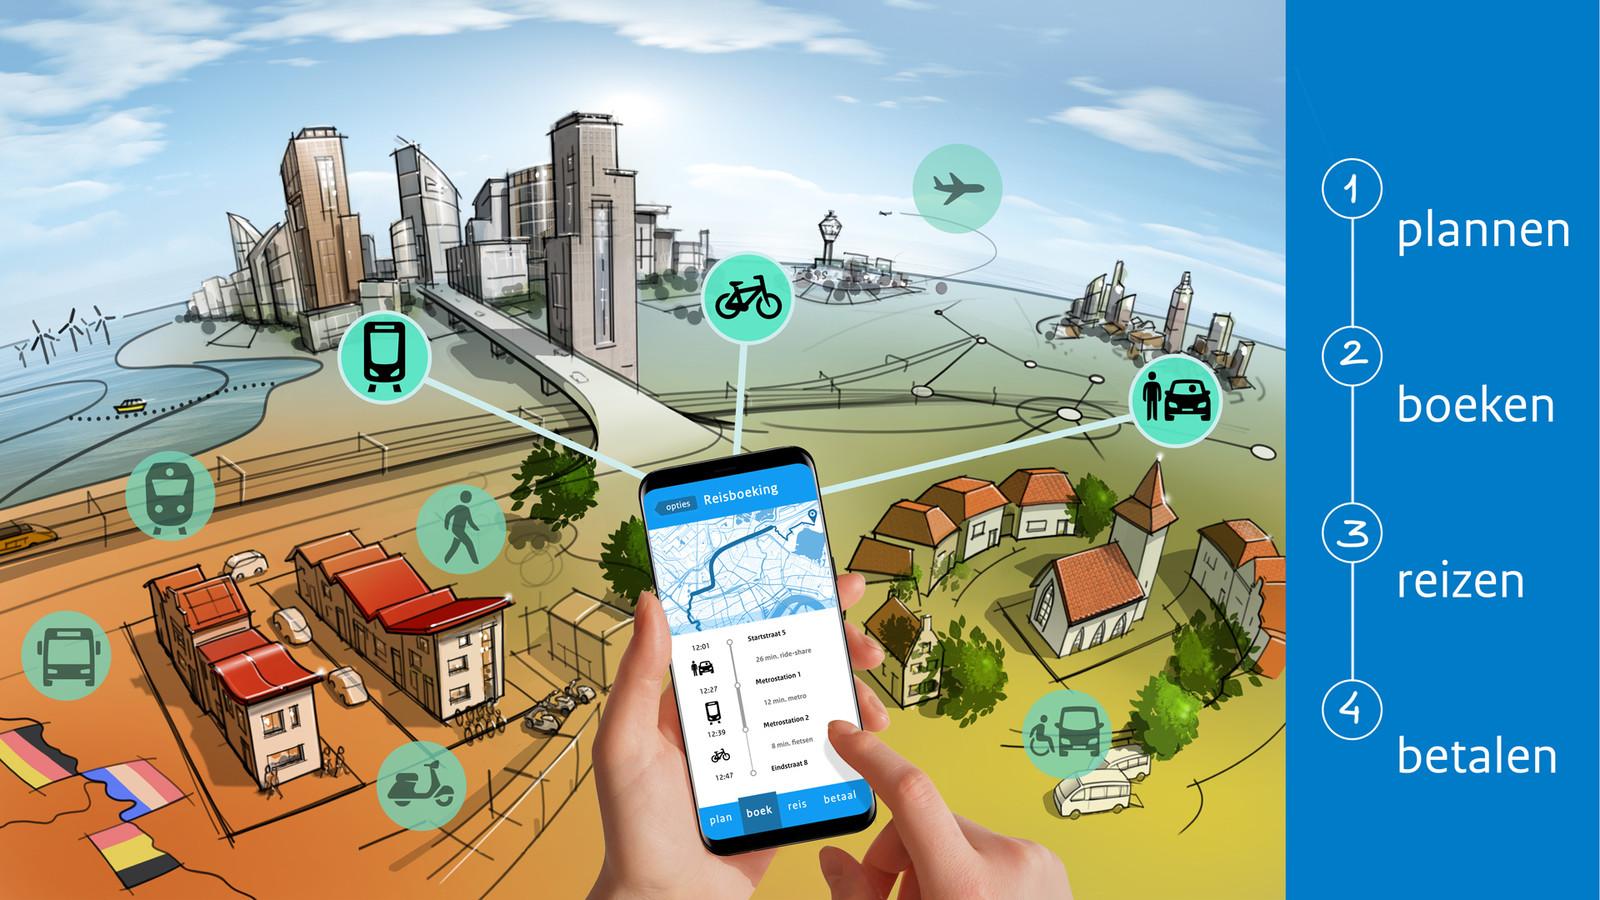 De stad Eindhoven startte eerder al met met een mobiliteits-app. Volgens de Vervoerregio Amsterdam lopen er nu teveel verschillende pilots en initiatieven langs elkaar